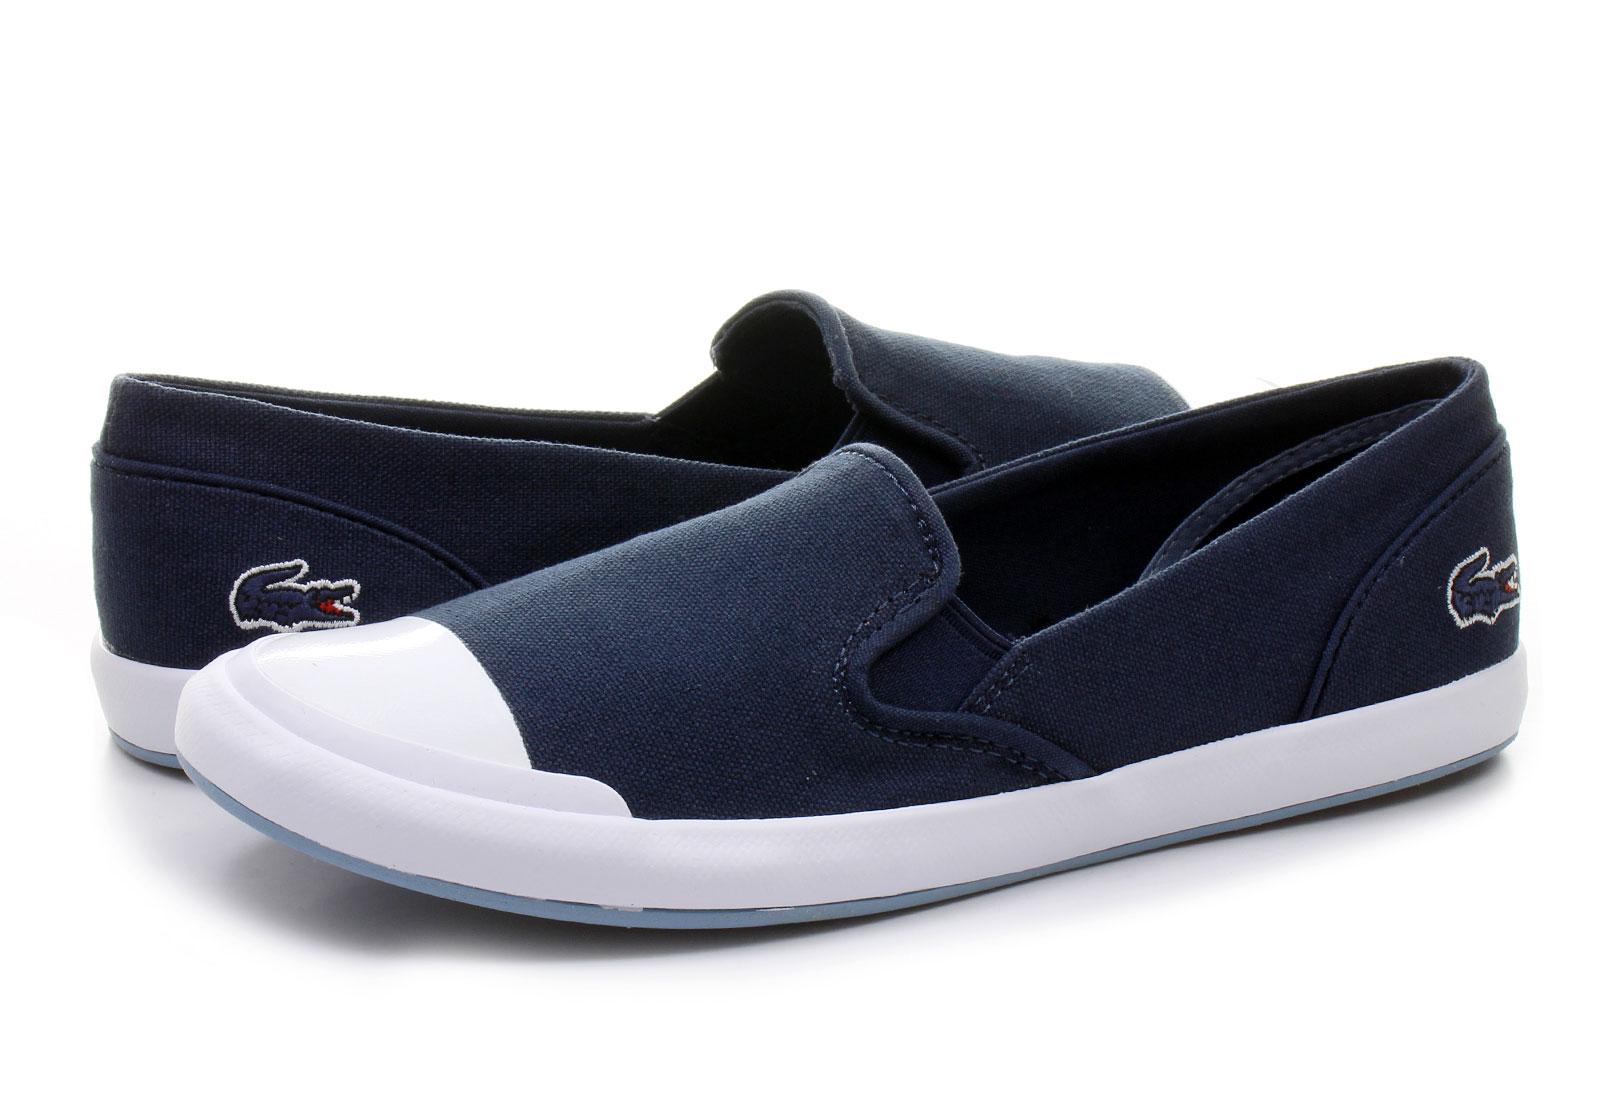 lacoste shoes lancelle slip on txt 161spw0016 003